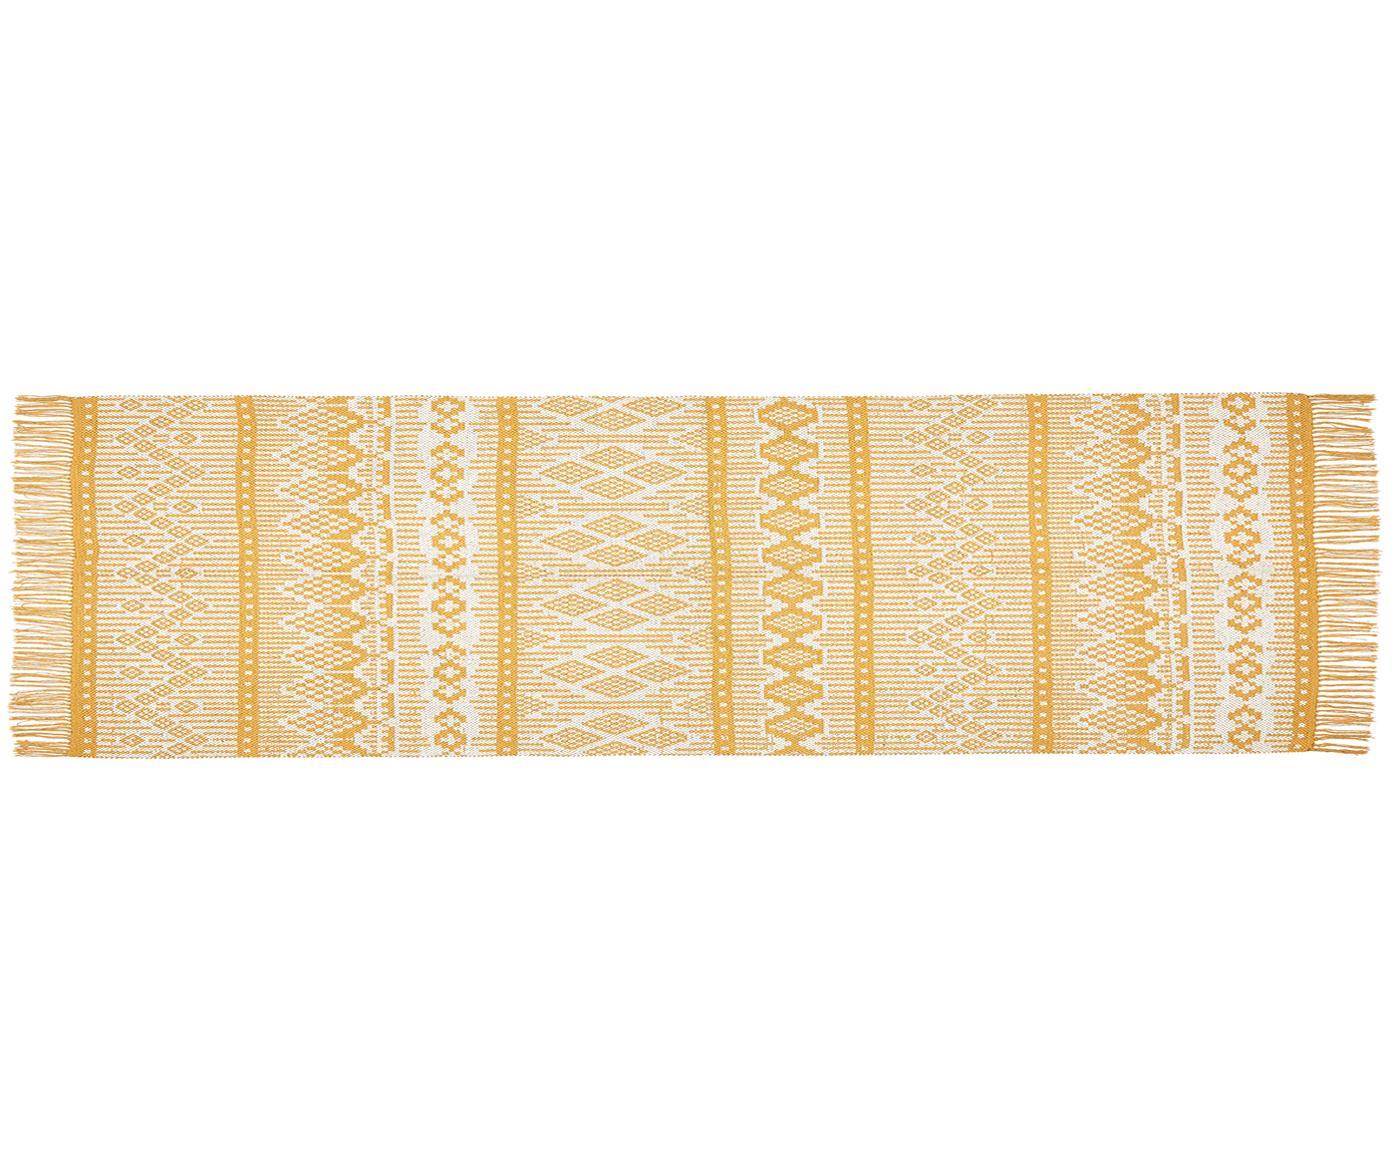 Alfombra de algodón reciclado Panama, estilo étnico, Algodón reciclado, Crema, mostaza, An 70 x L 250 cm